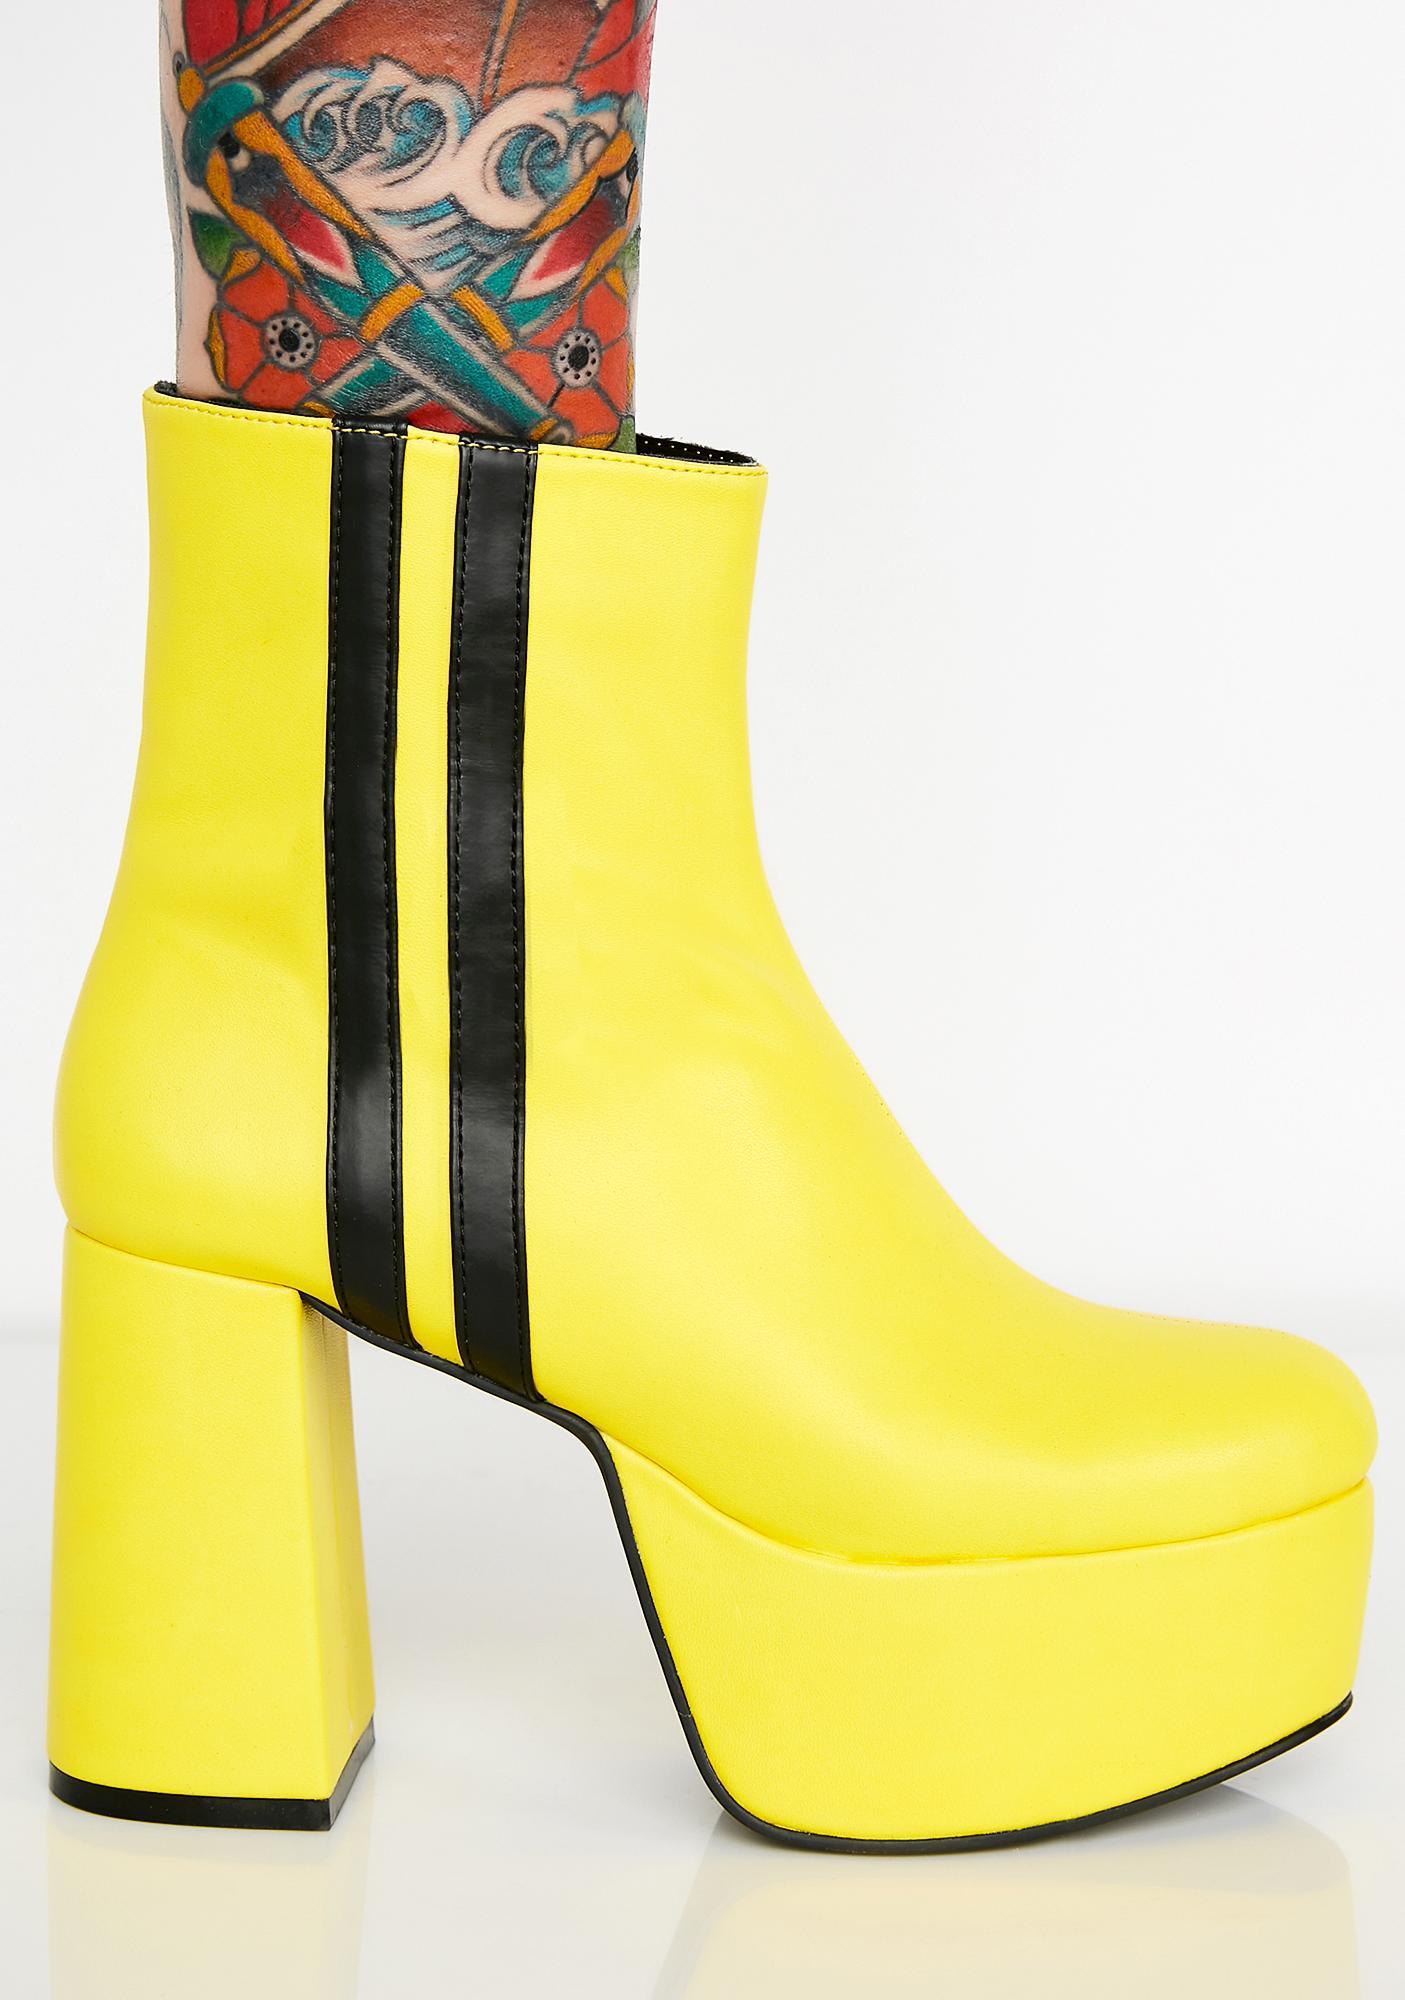 Current Mood Beatrixxx Baddie Platform Boots